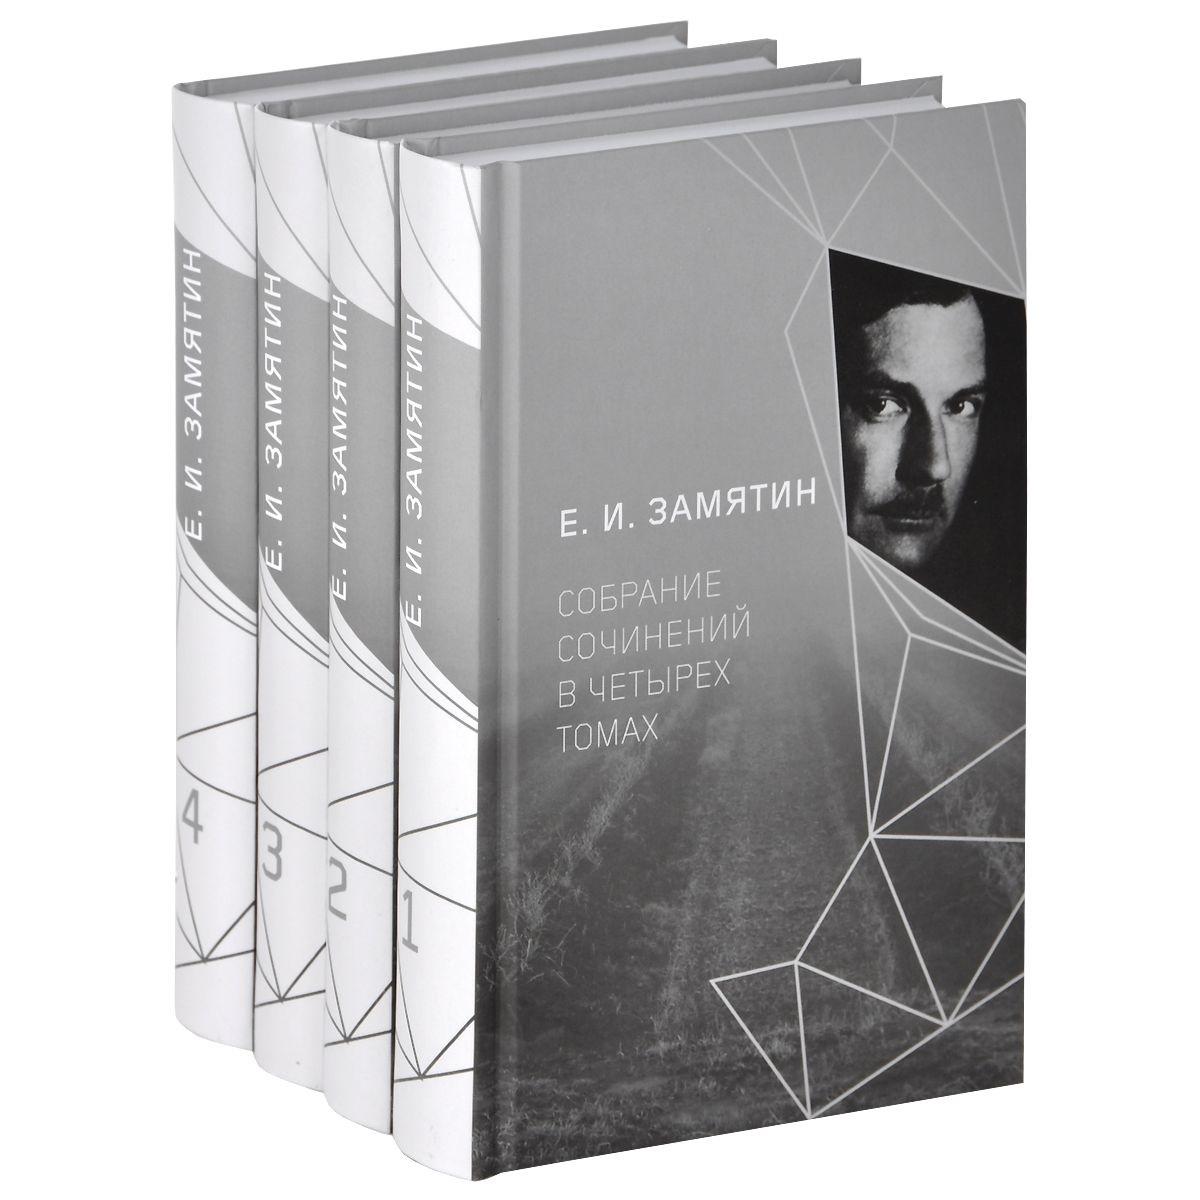 Замятин Е. Е. И. Замятин. Собрание сочинений. В четырех томах (комплект из 4 книг) даль в в и даль собрание сочинений в восьми томах комплект из 8 книг